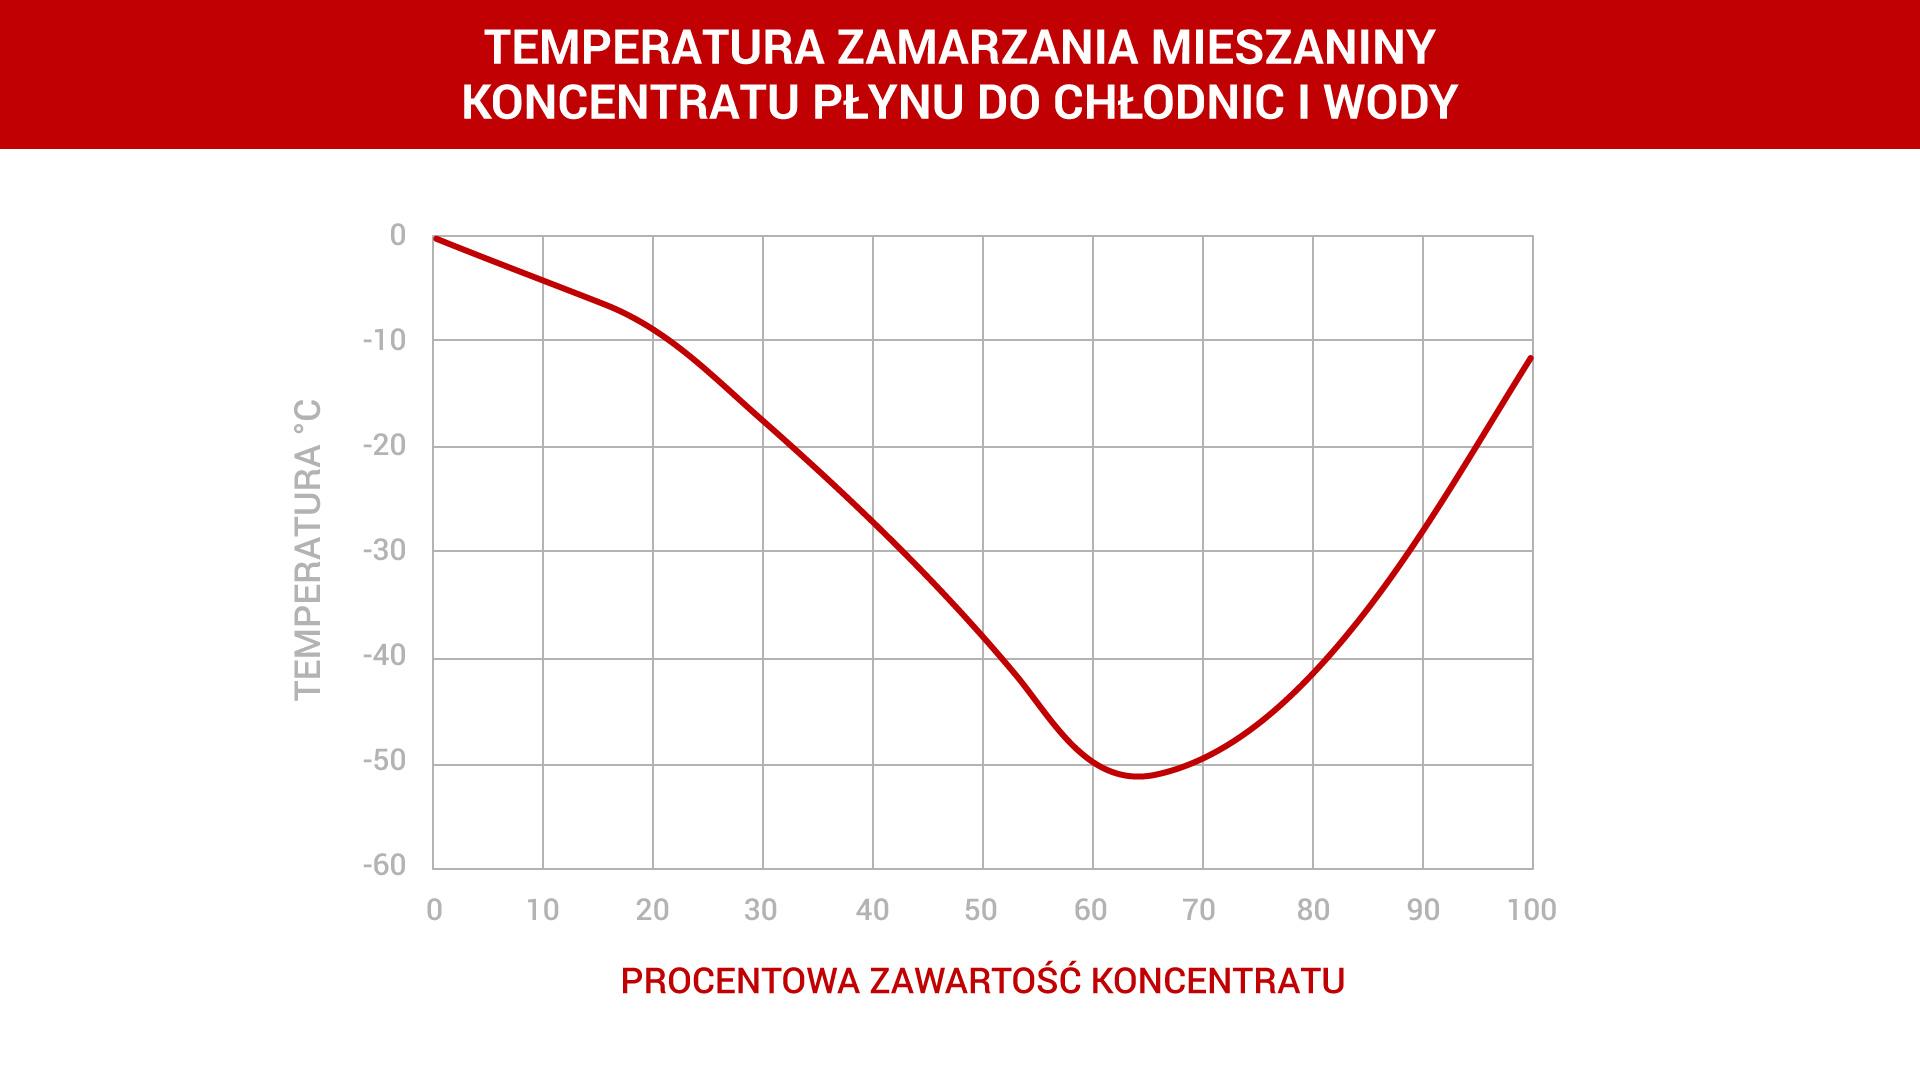 zamarzanie-koncentratu-wykres